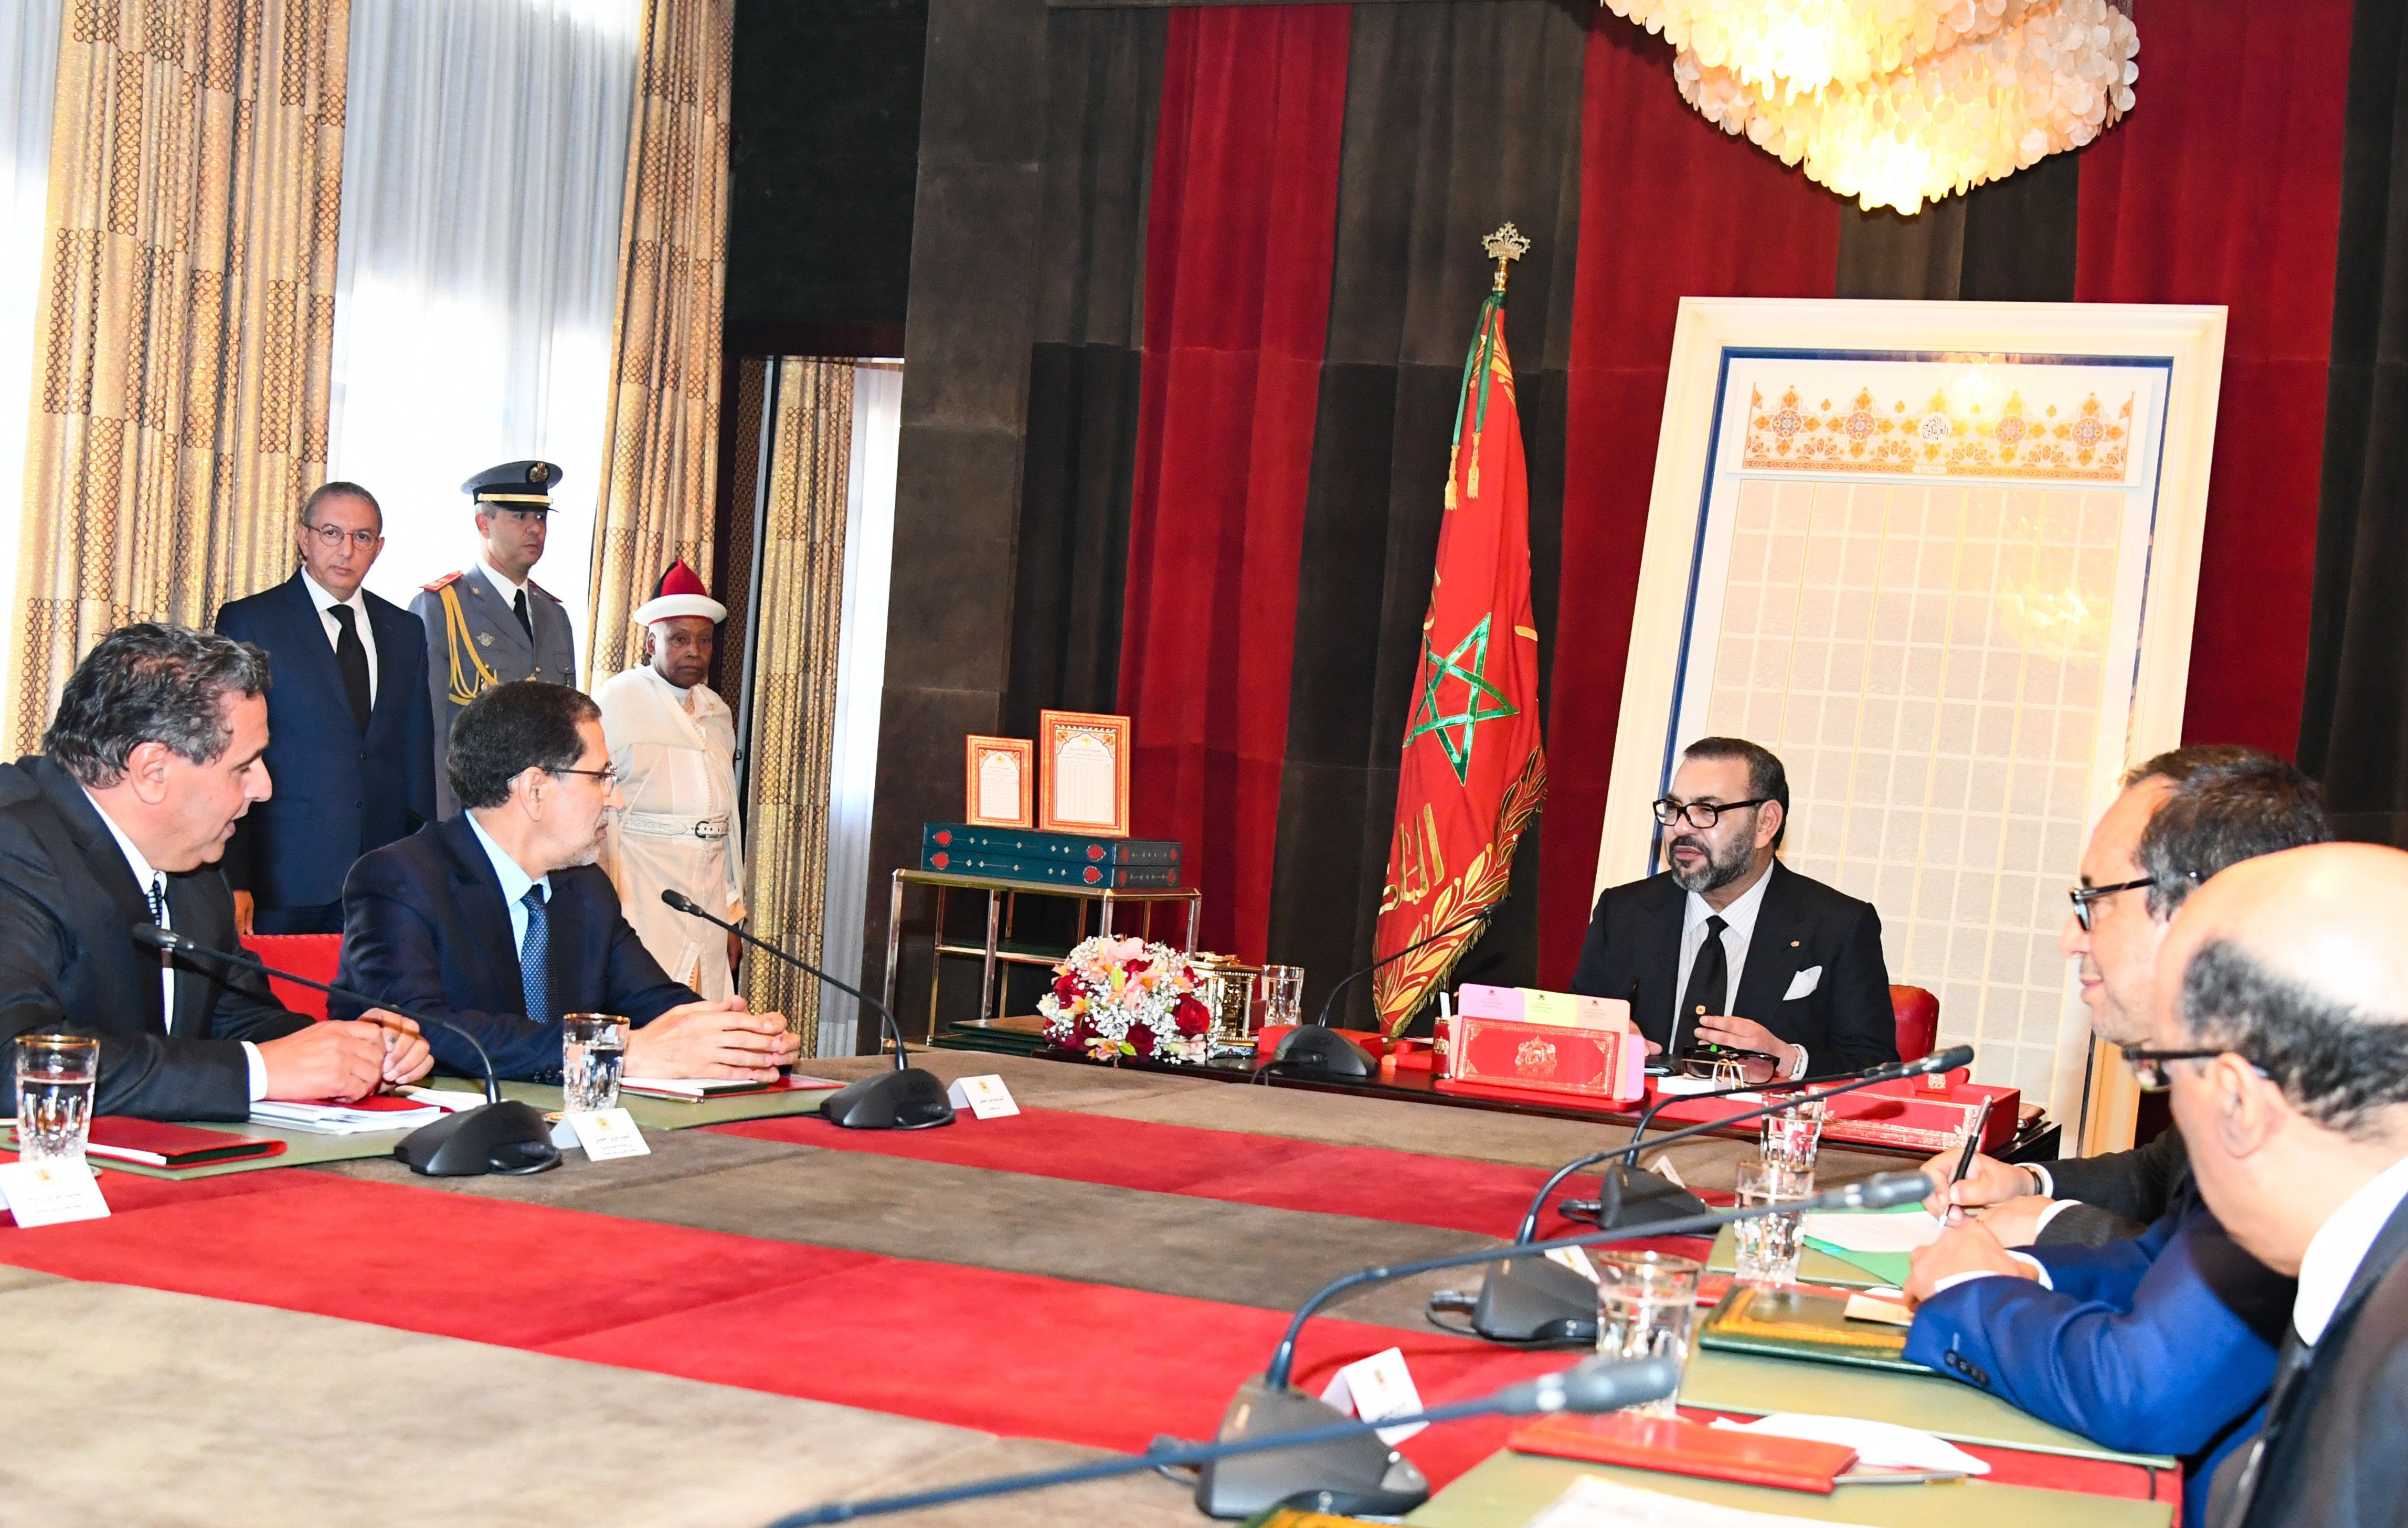 Le roi Mohammed VI appelle le gouvernement à finaliser le programme prioritaire national relatif à